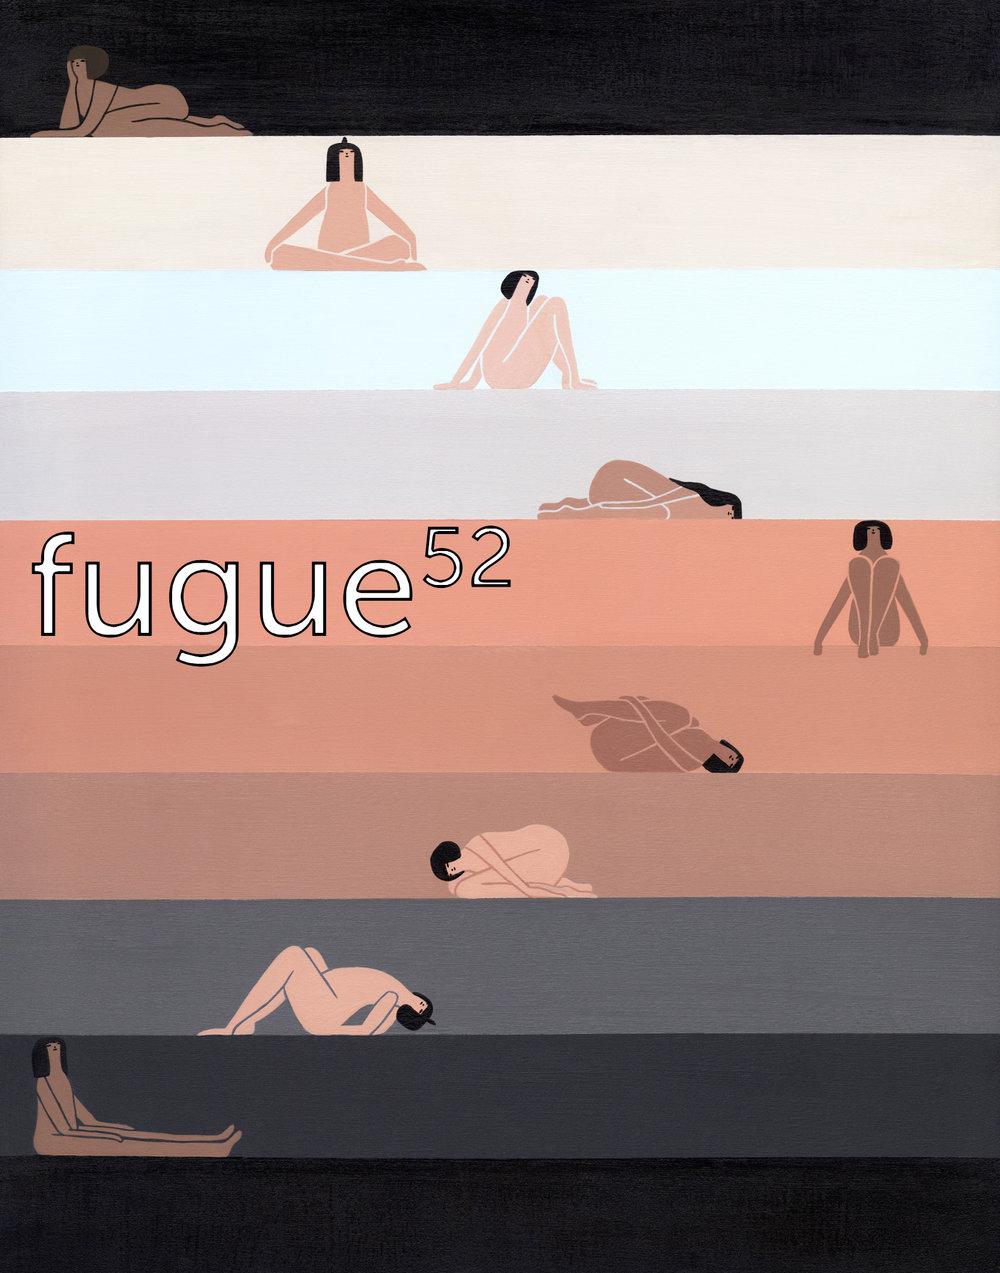 fugue 52 (2017)